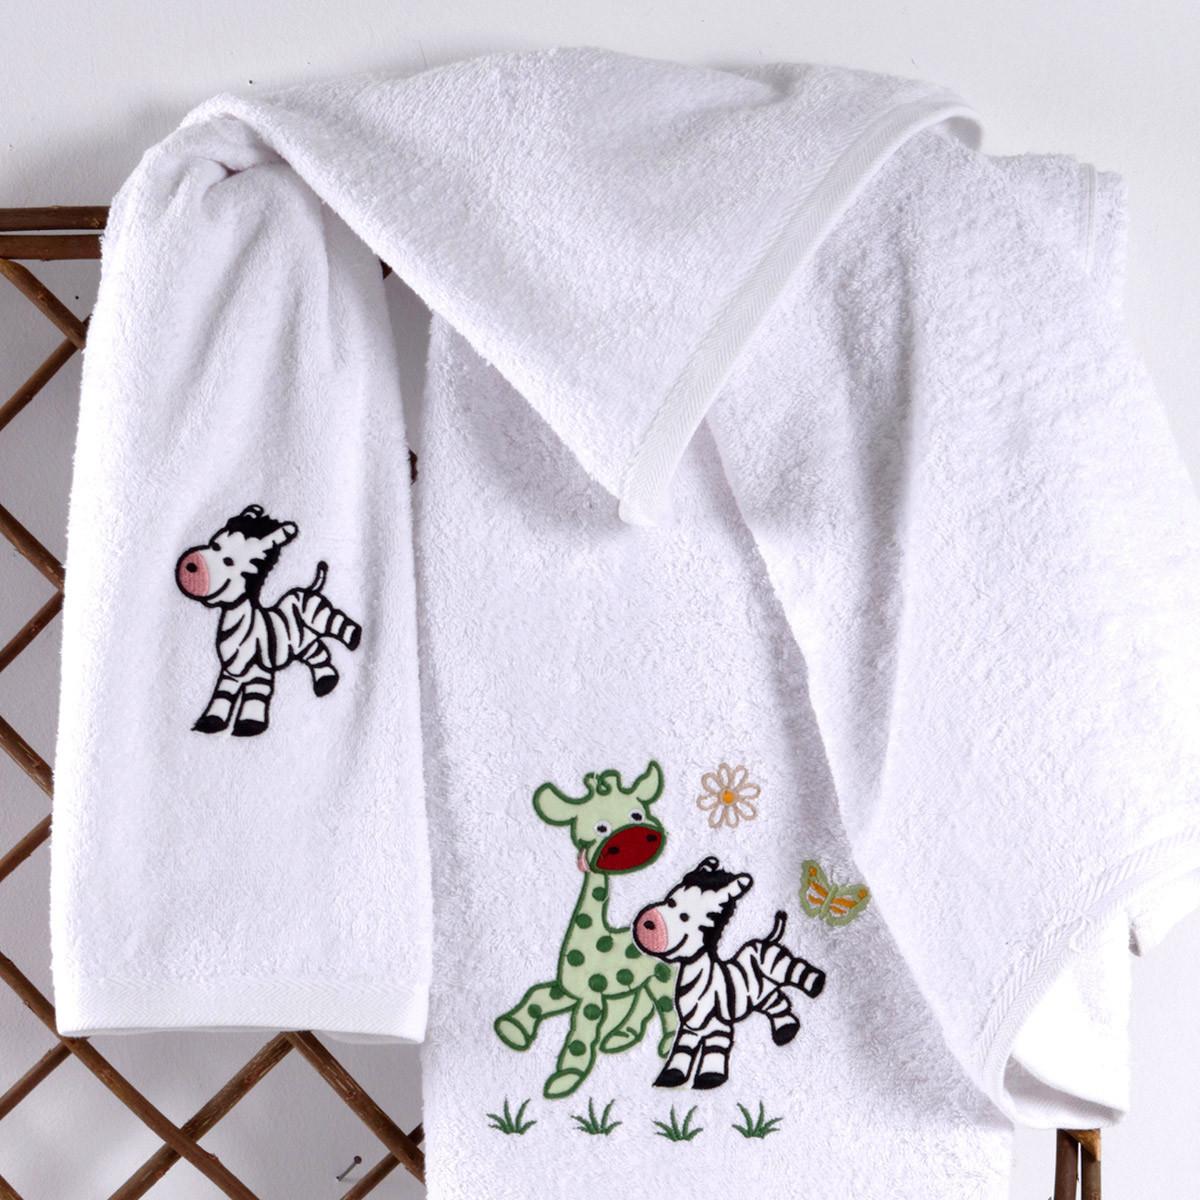 Βρεφικές Πετσέτες (Σετ 2τμχ) Sb Home Baby Olly & Zemo Mint